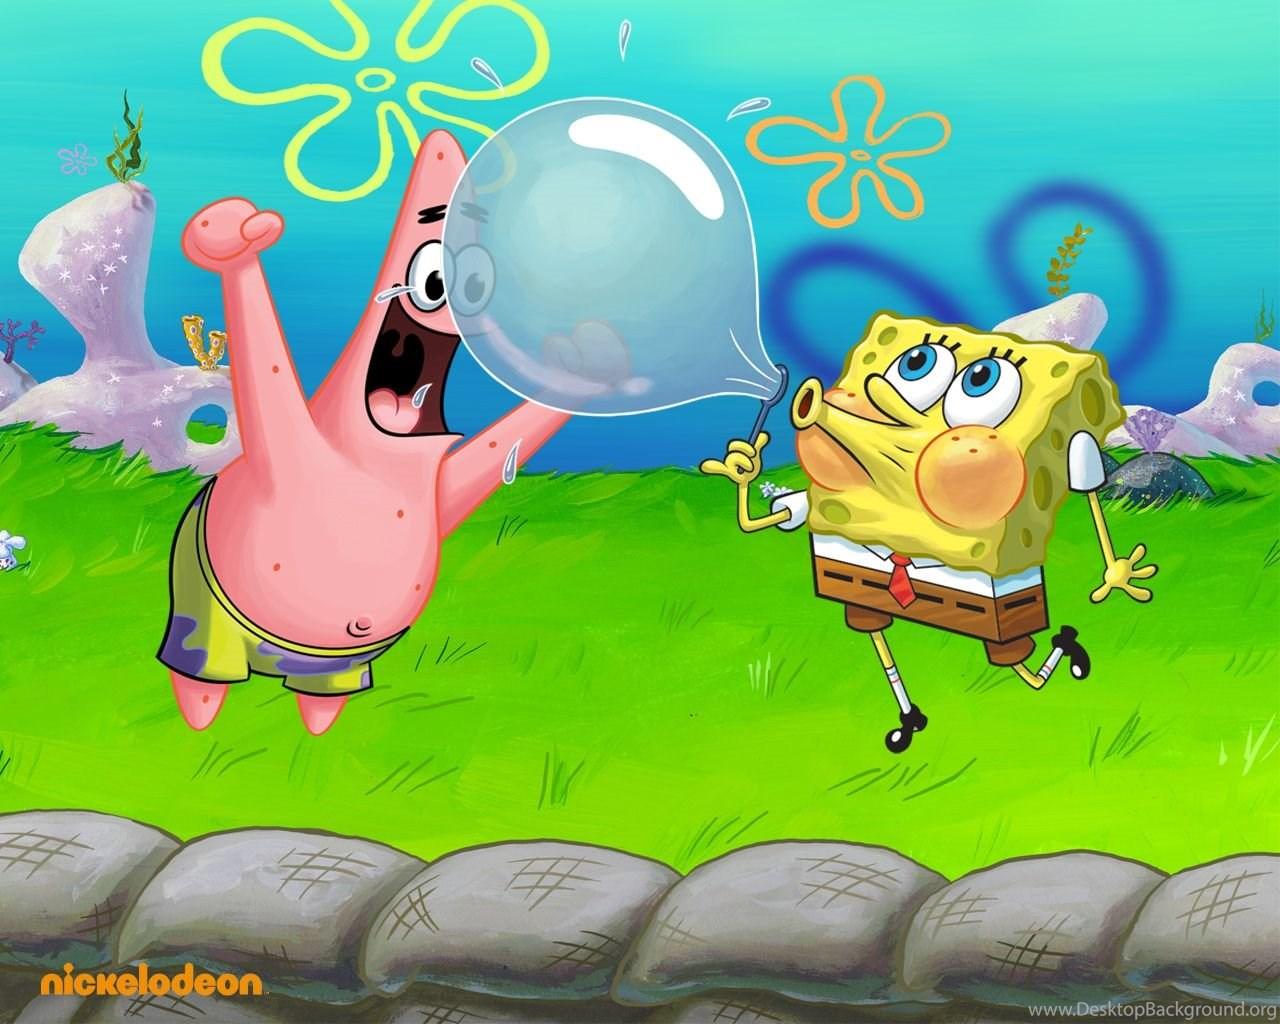 Spongebob Patrick Spongebob Squarepants Wallpapers 31281713